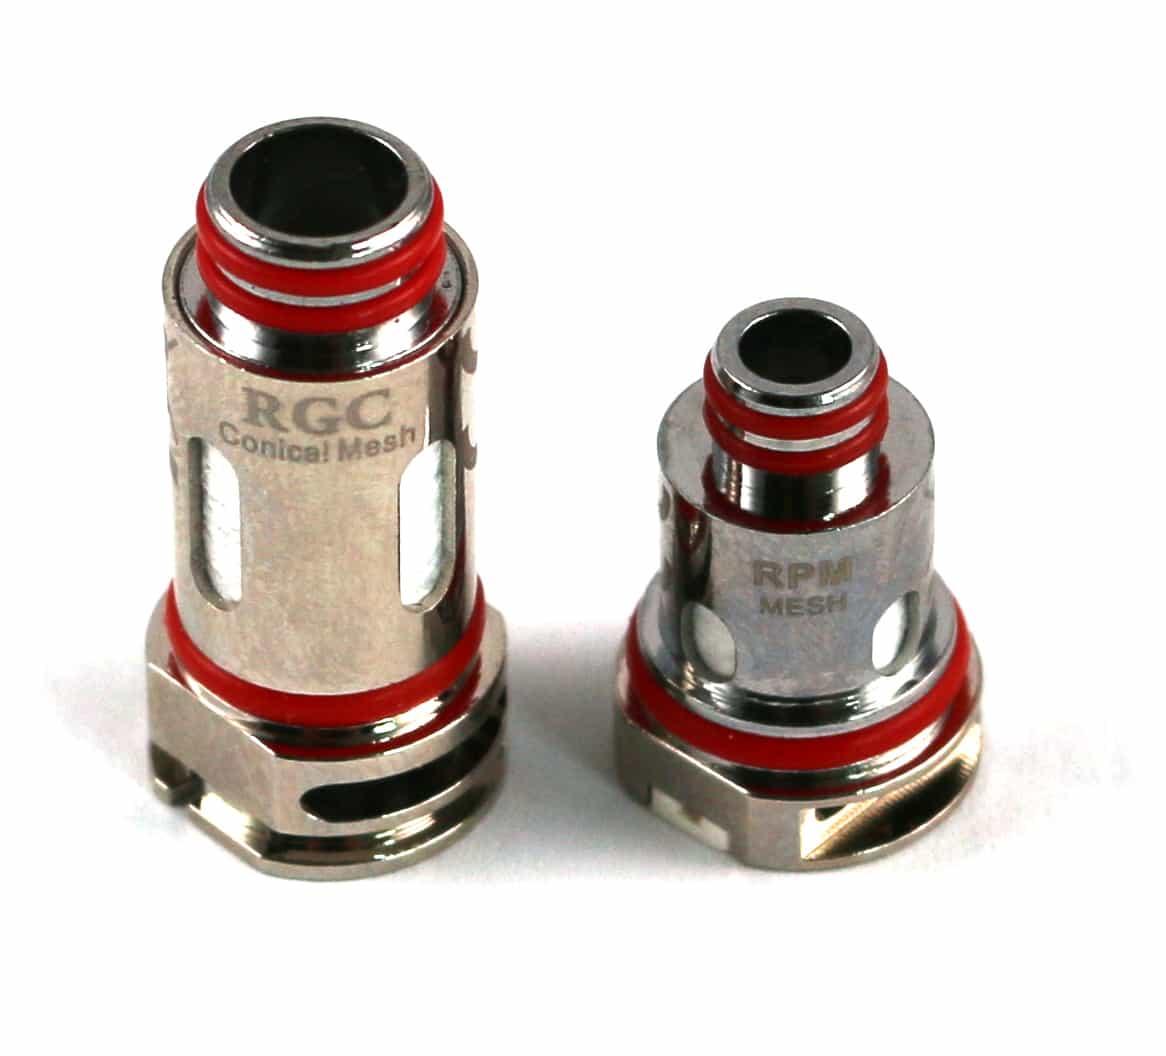 SMOK RPM80 Pro coils